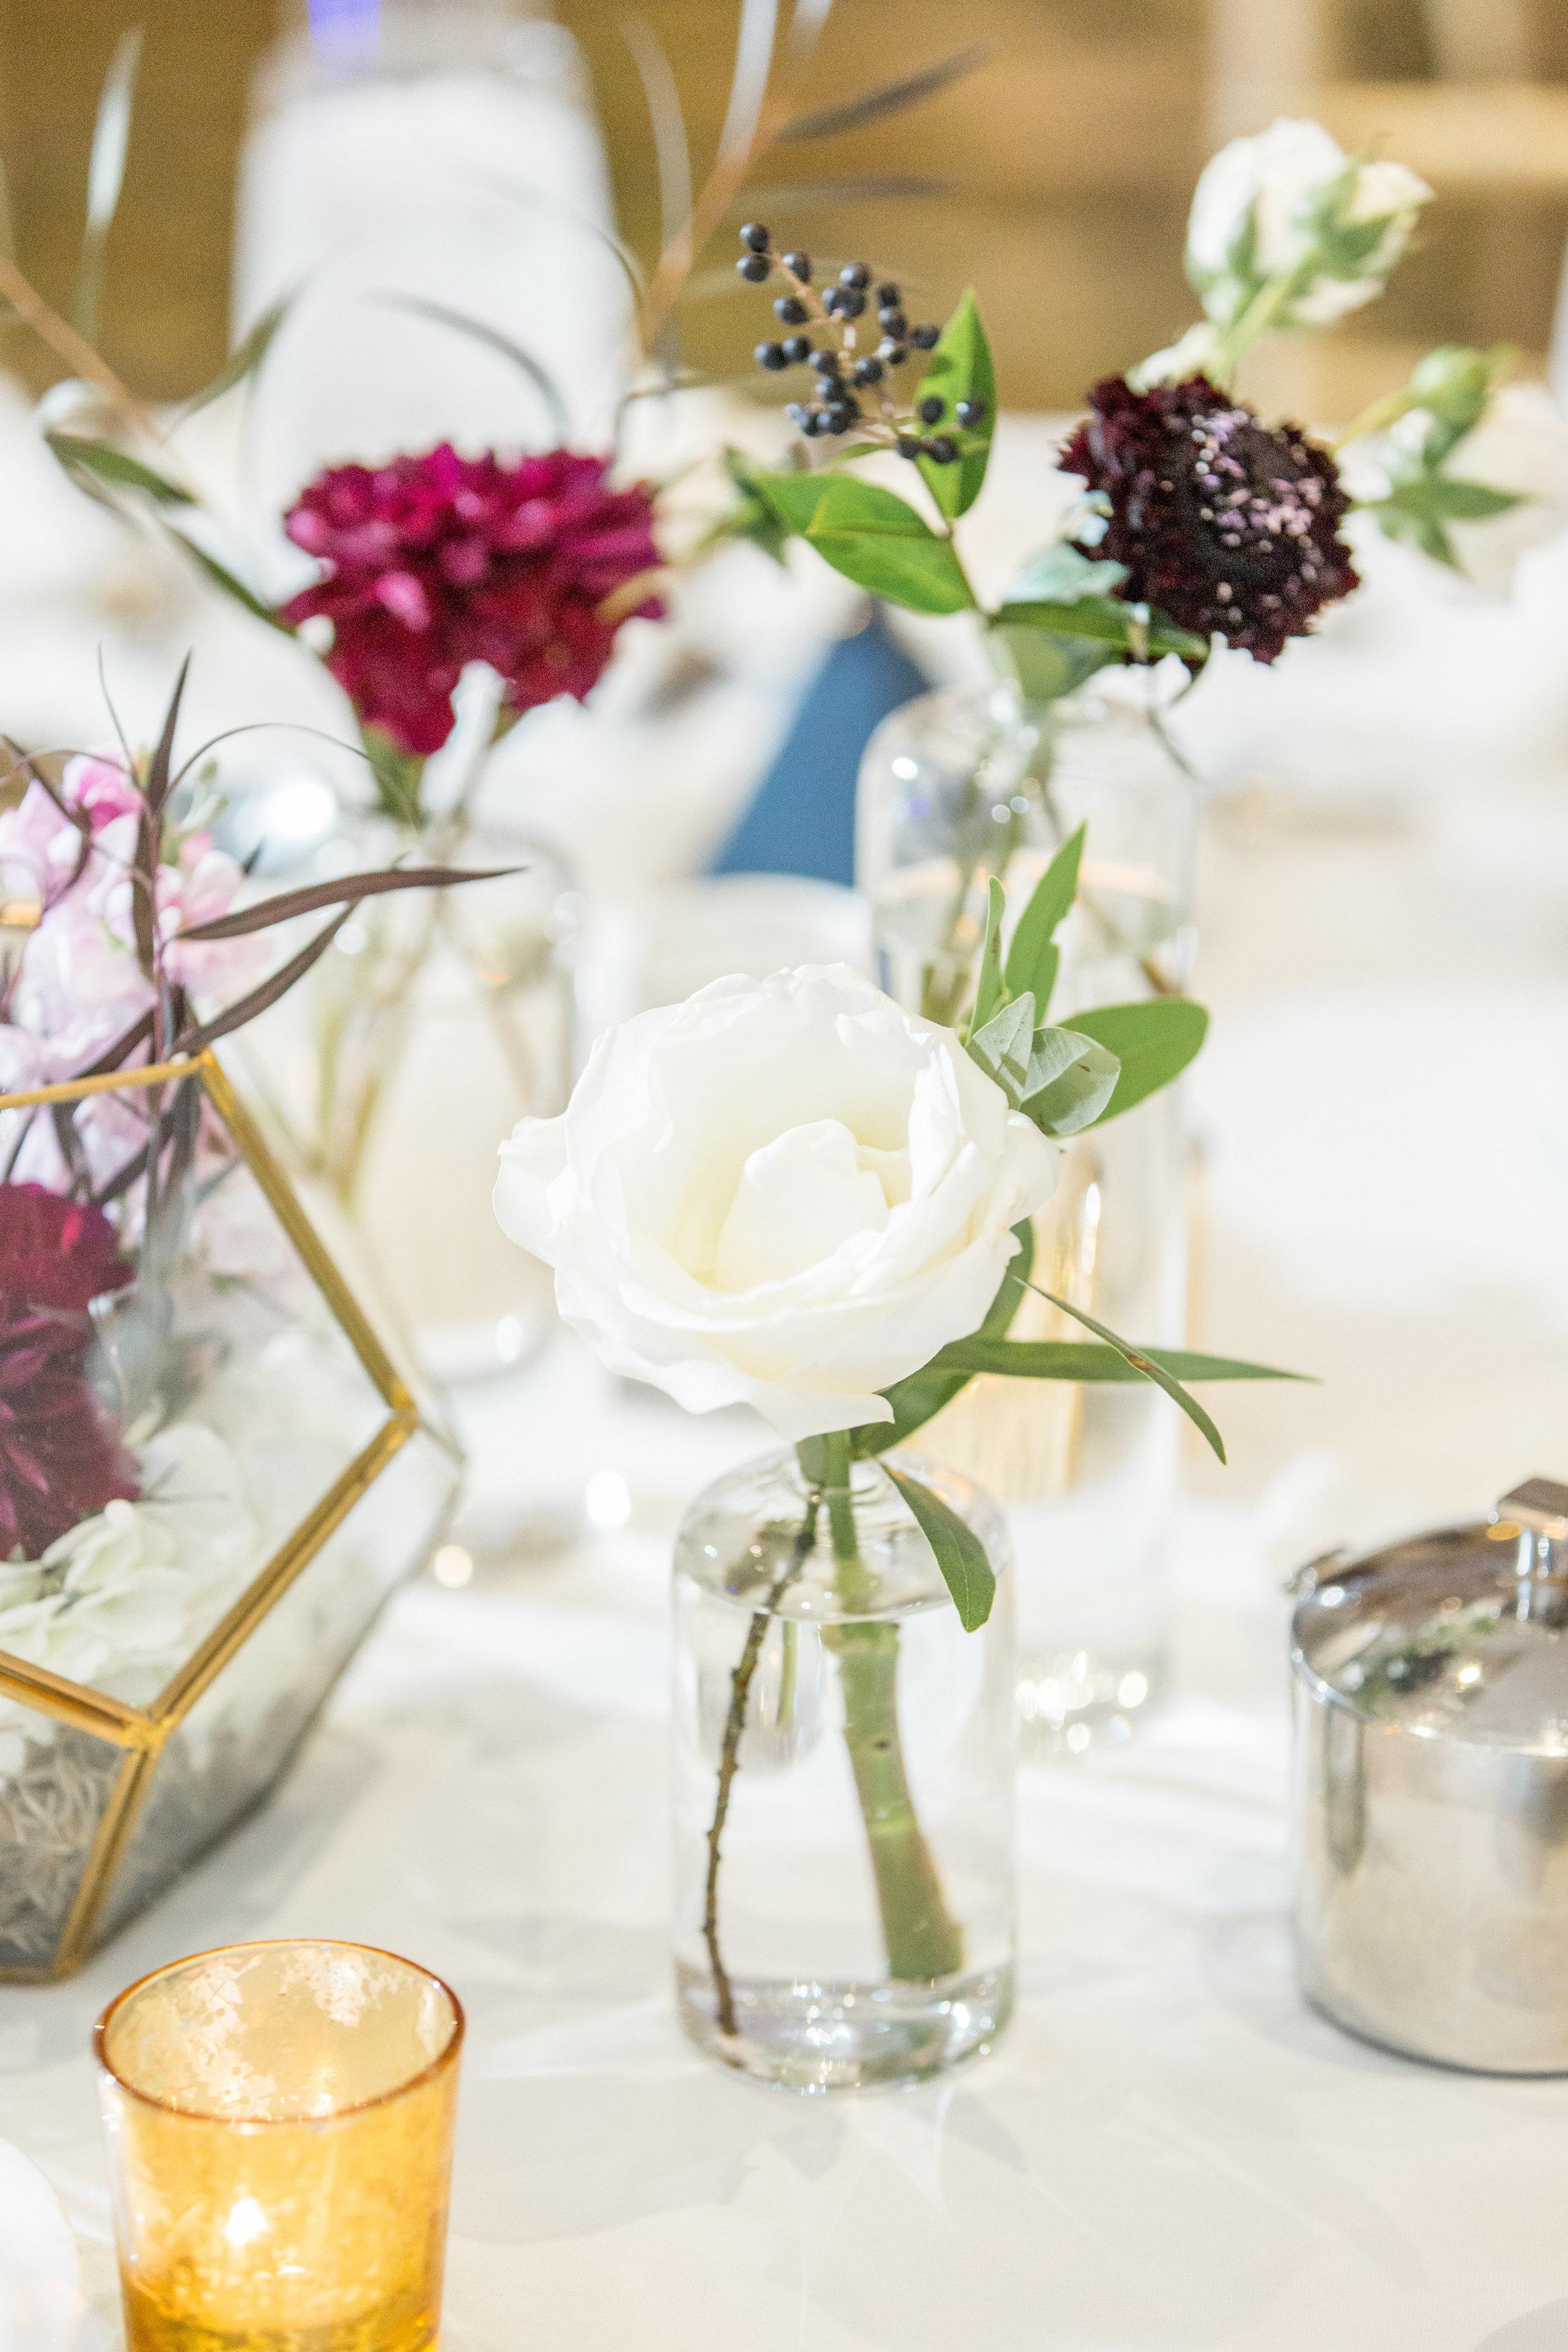 Izar Wedding centerpiece 2.jpg